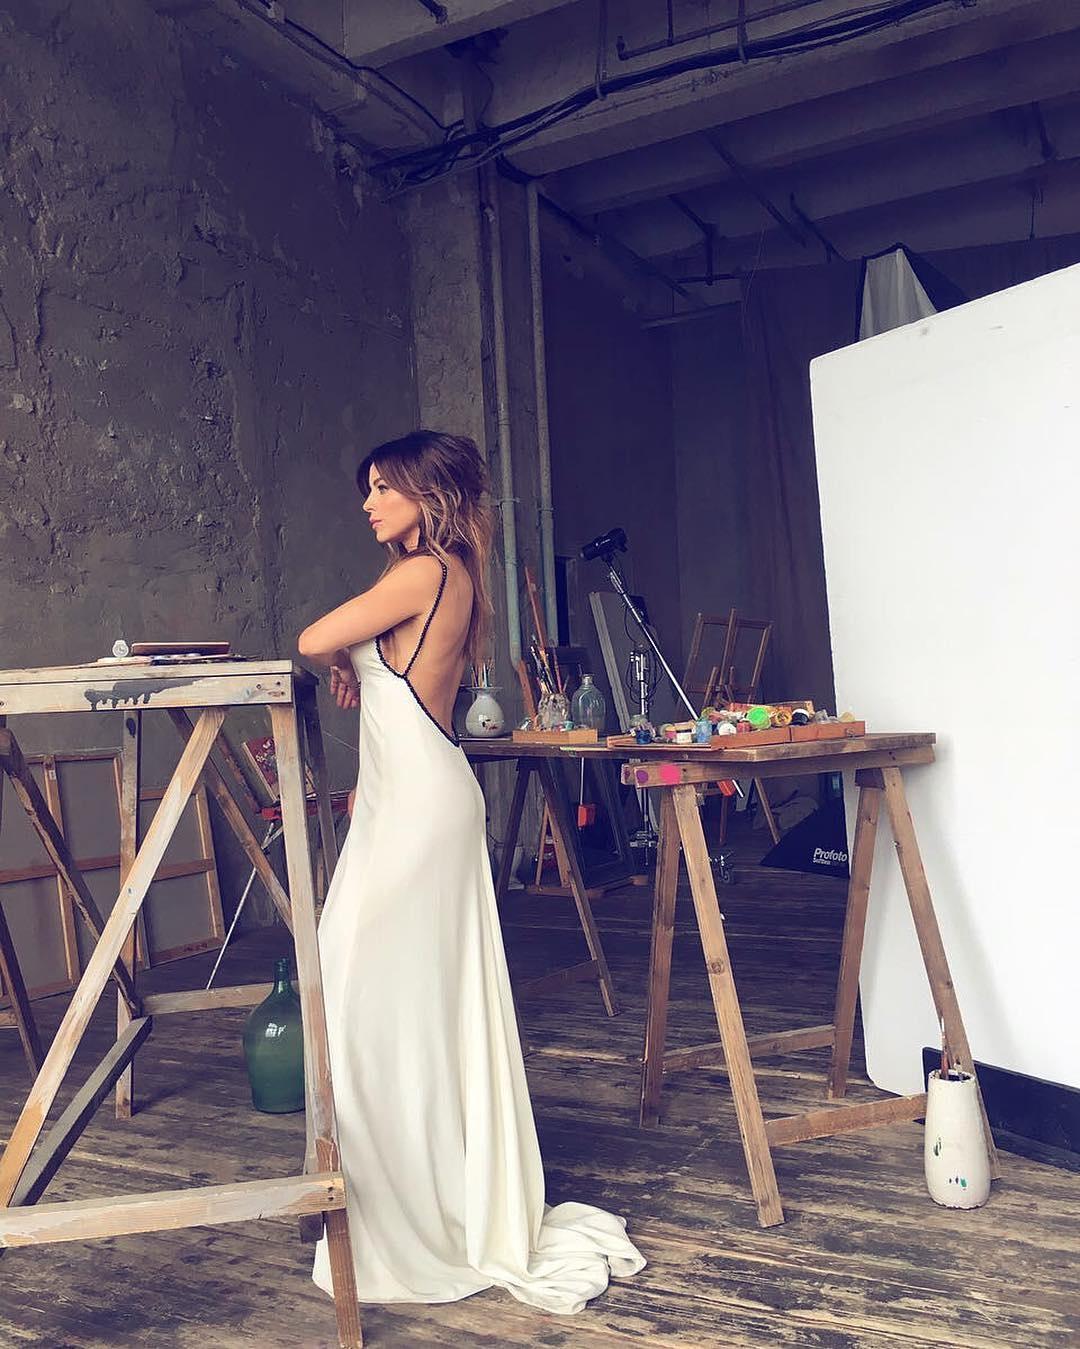 Фото в белом платье с обнаженной спиной 11 фотография